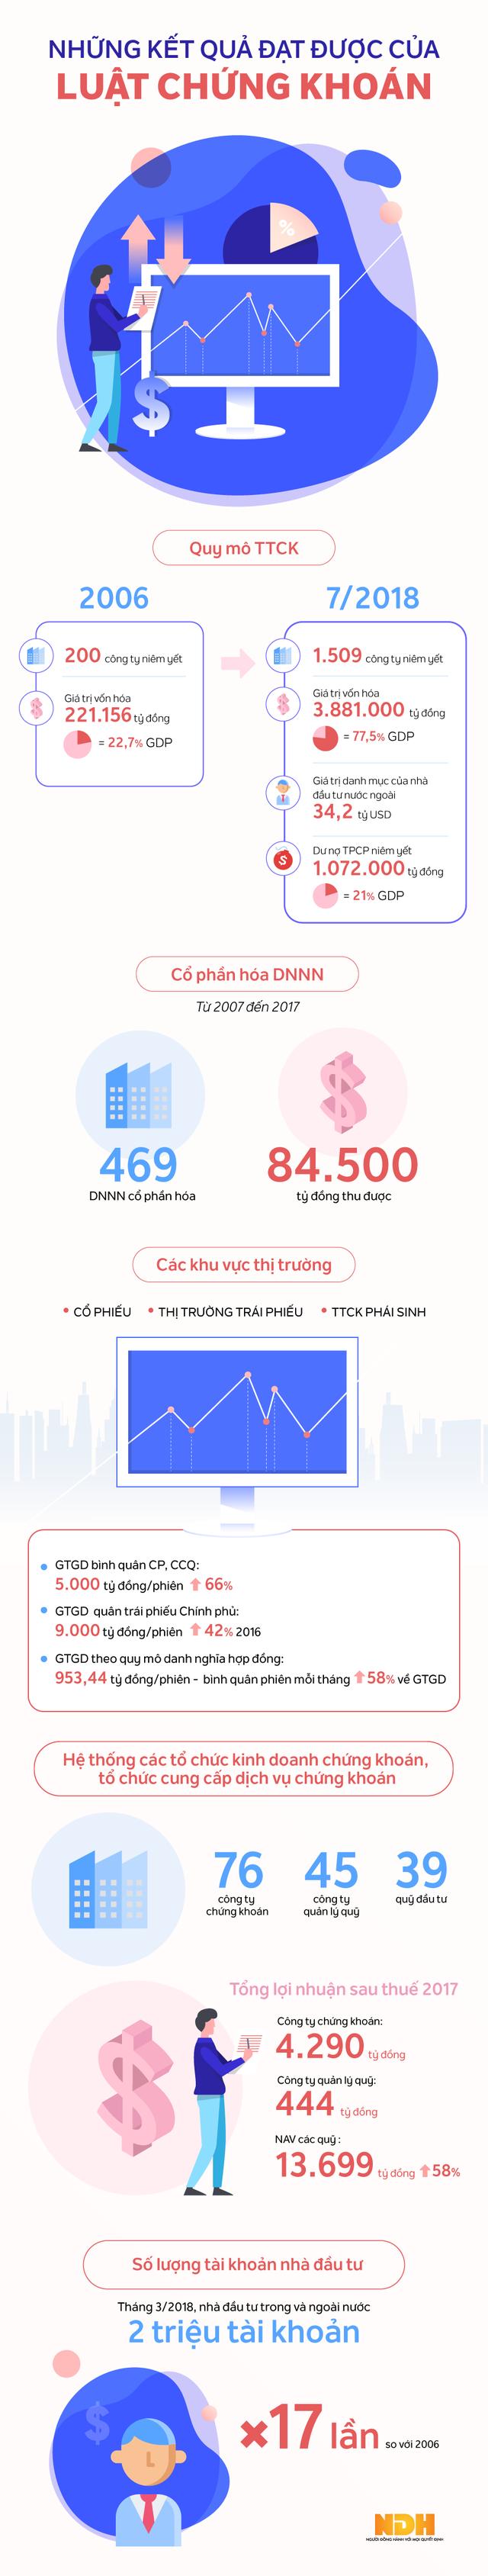 [Infographic] Luật Chứng khoán đã đạt những kết quả gì trong các năm qua? - Ảnh 1.